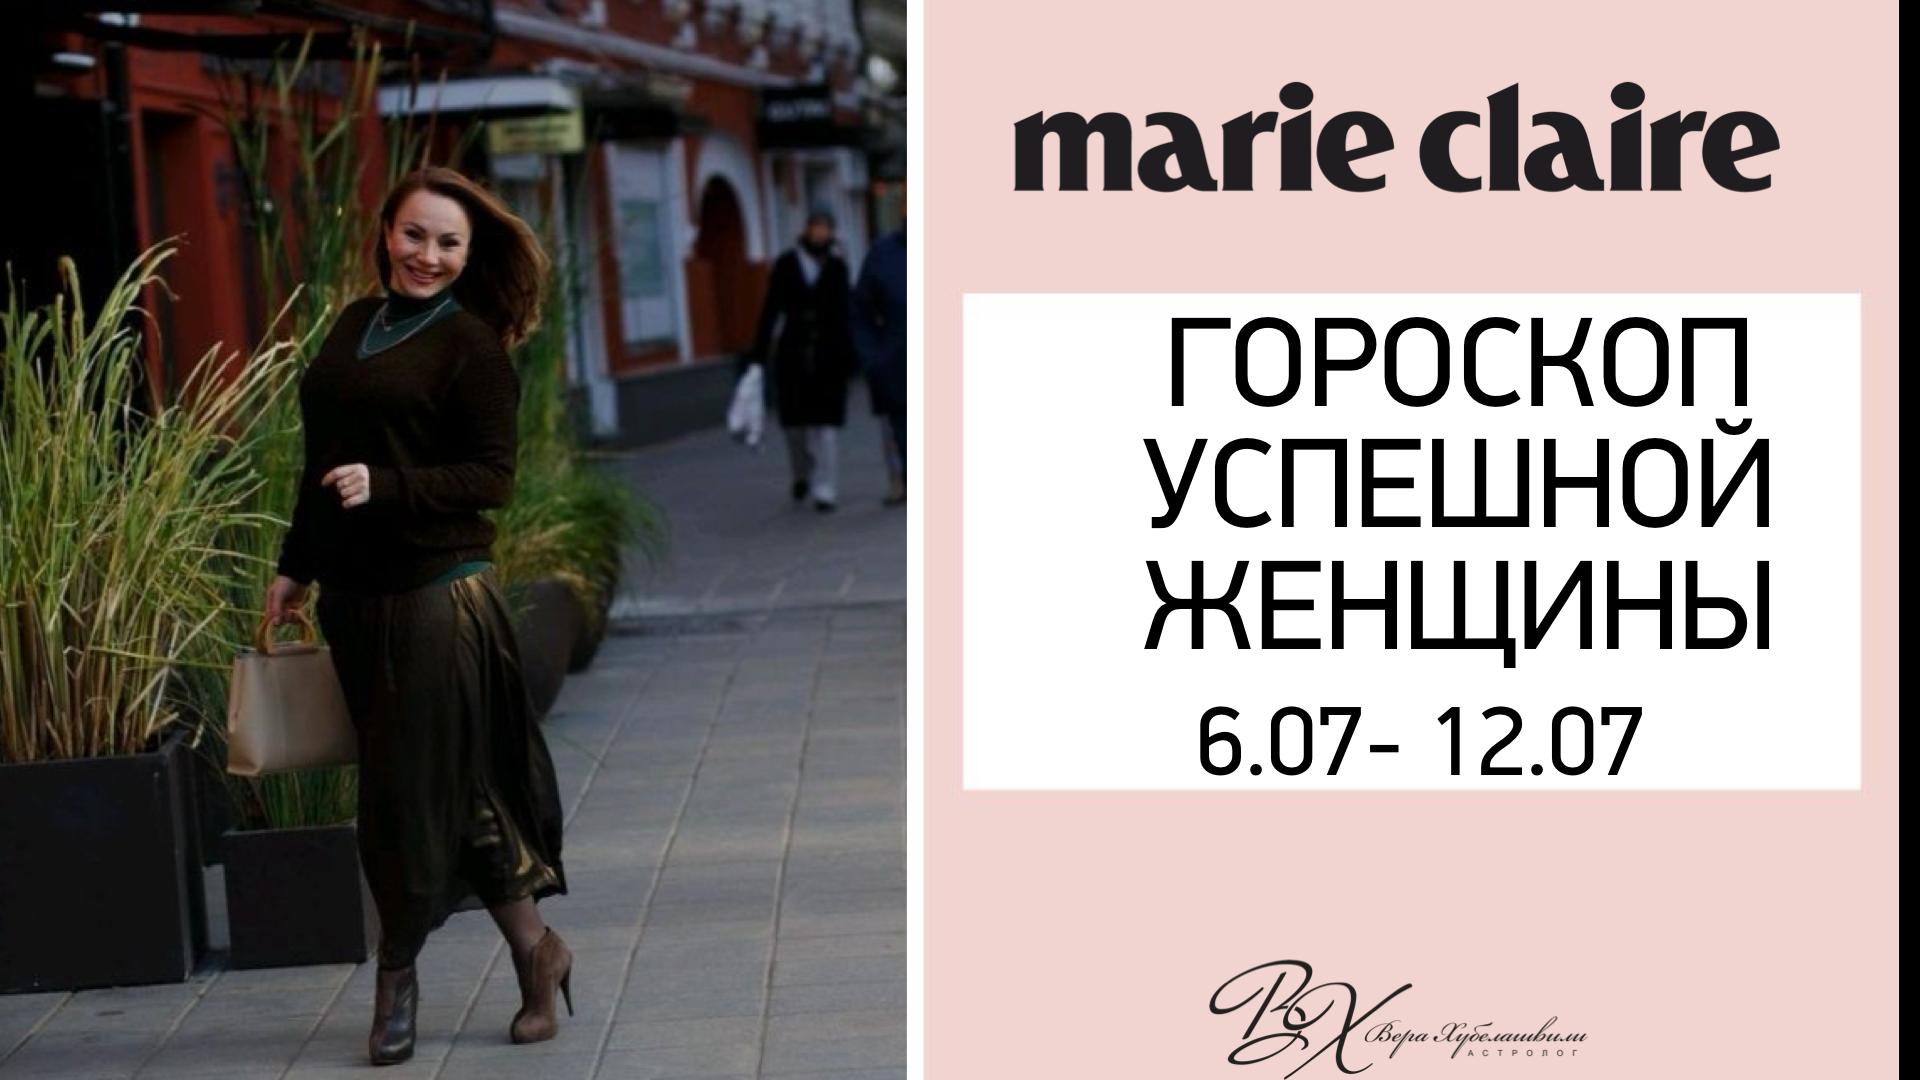 ГОРОСКОП ДЛЯ УСПЕШНЫХ ЖЕНЩИН  6 - 12 ИЮЛЯ (MARIE CLAIRE)